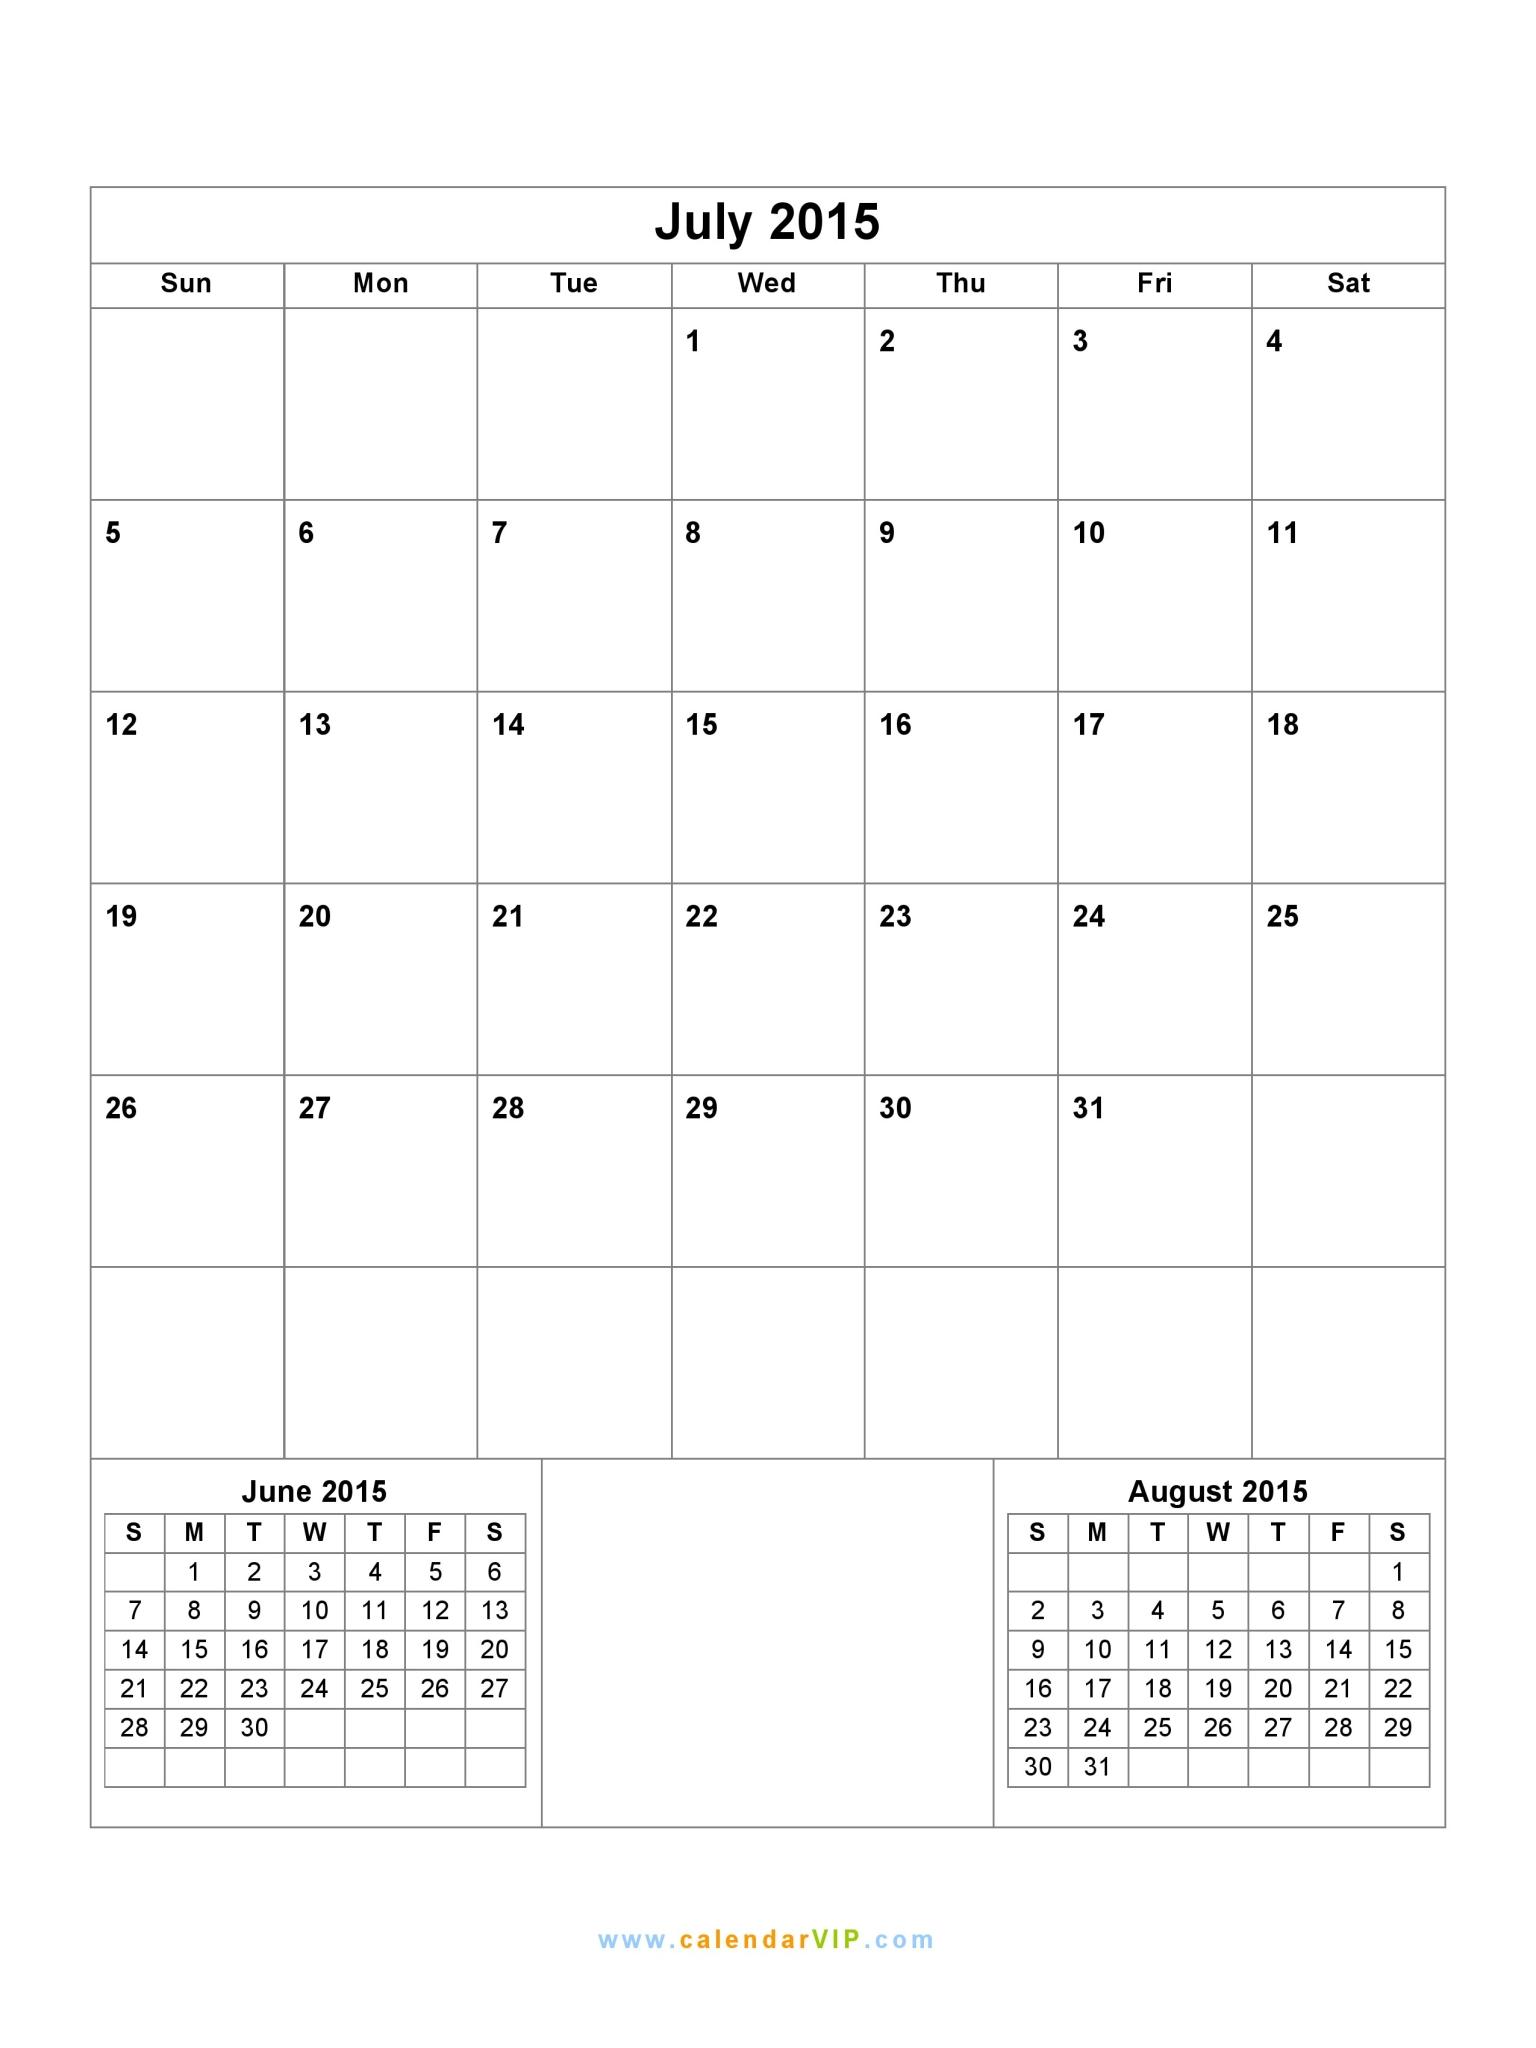 Word Template Calendar 2015 from www.calendarvip.com